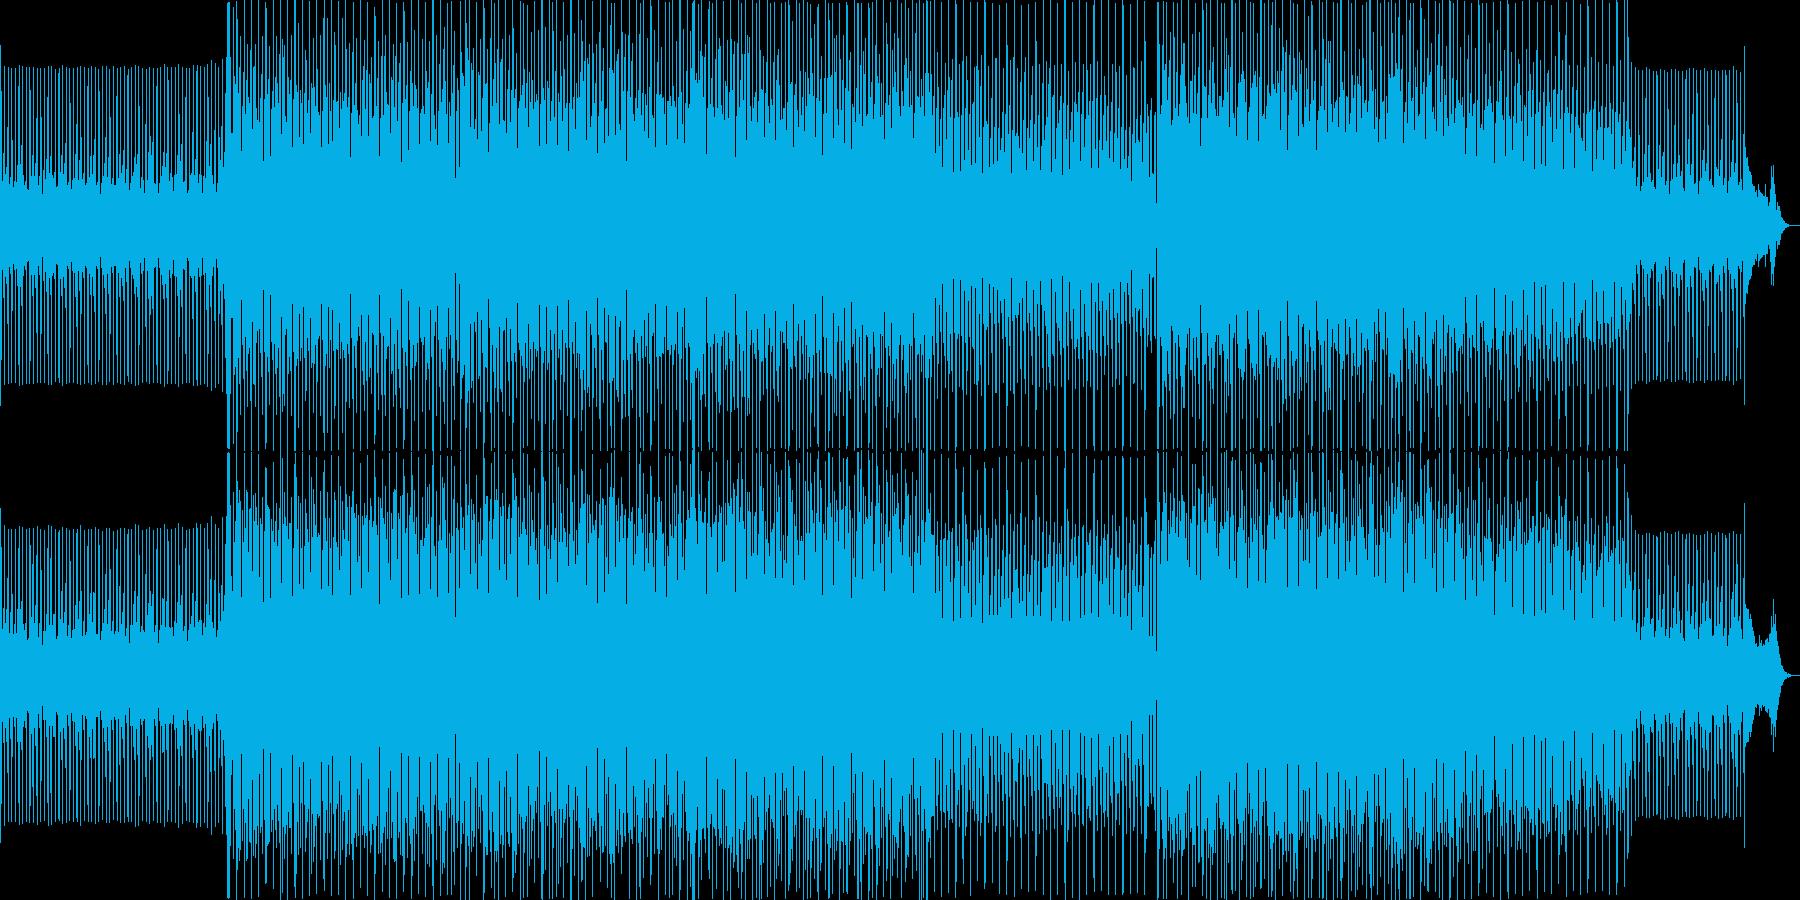 イベントが始まる前に流れるBGMの再生済みの波形